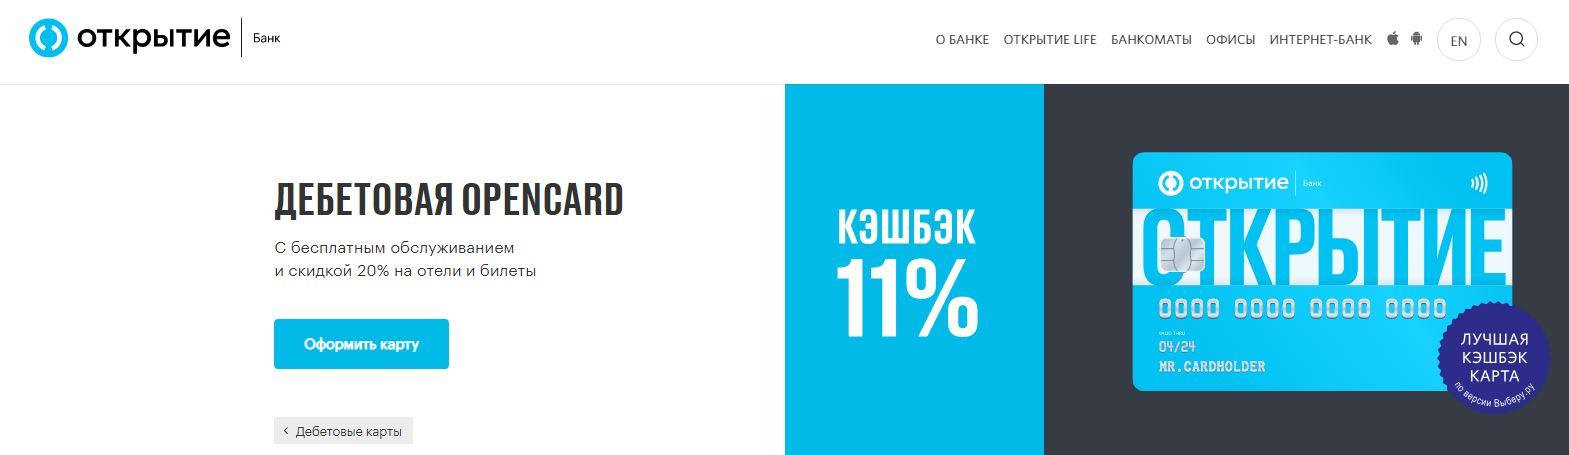 Лучшие дебетовые карты МИР, рейтинг 2021 - Открытие Opencard - фото